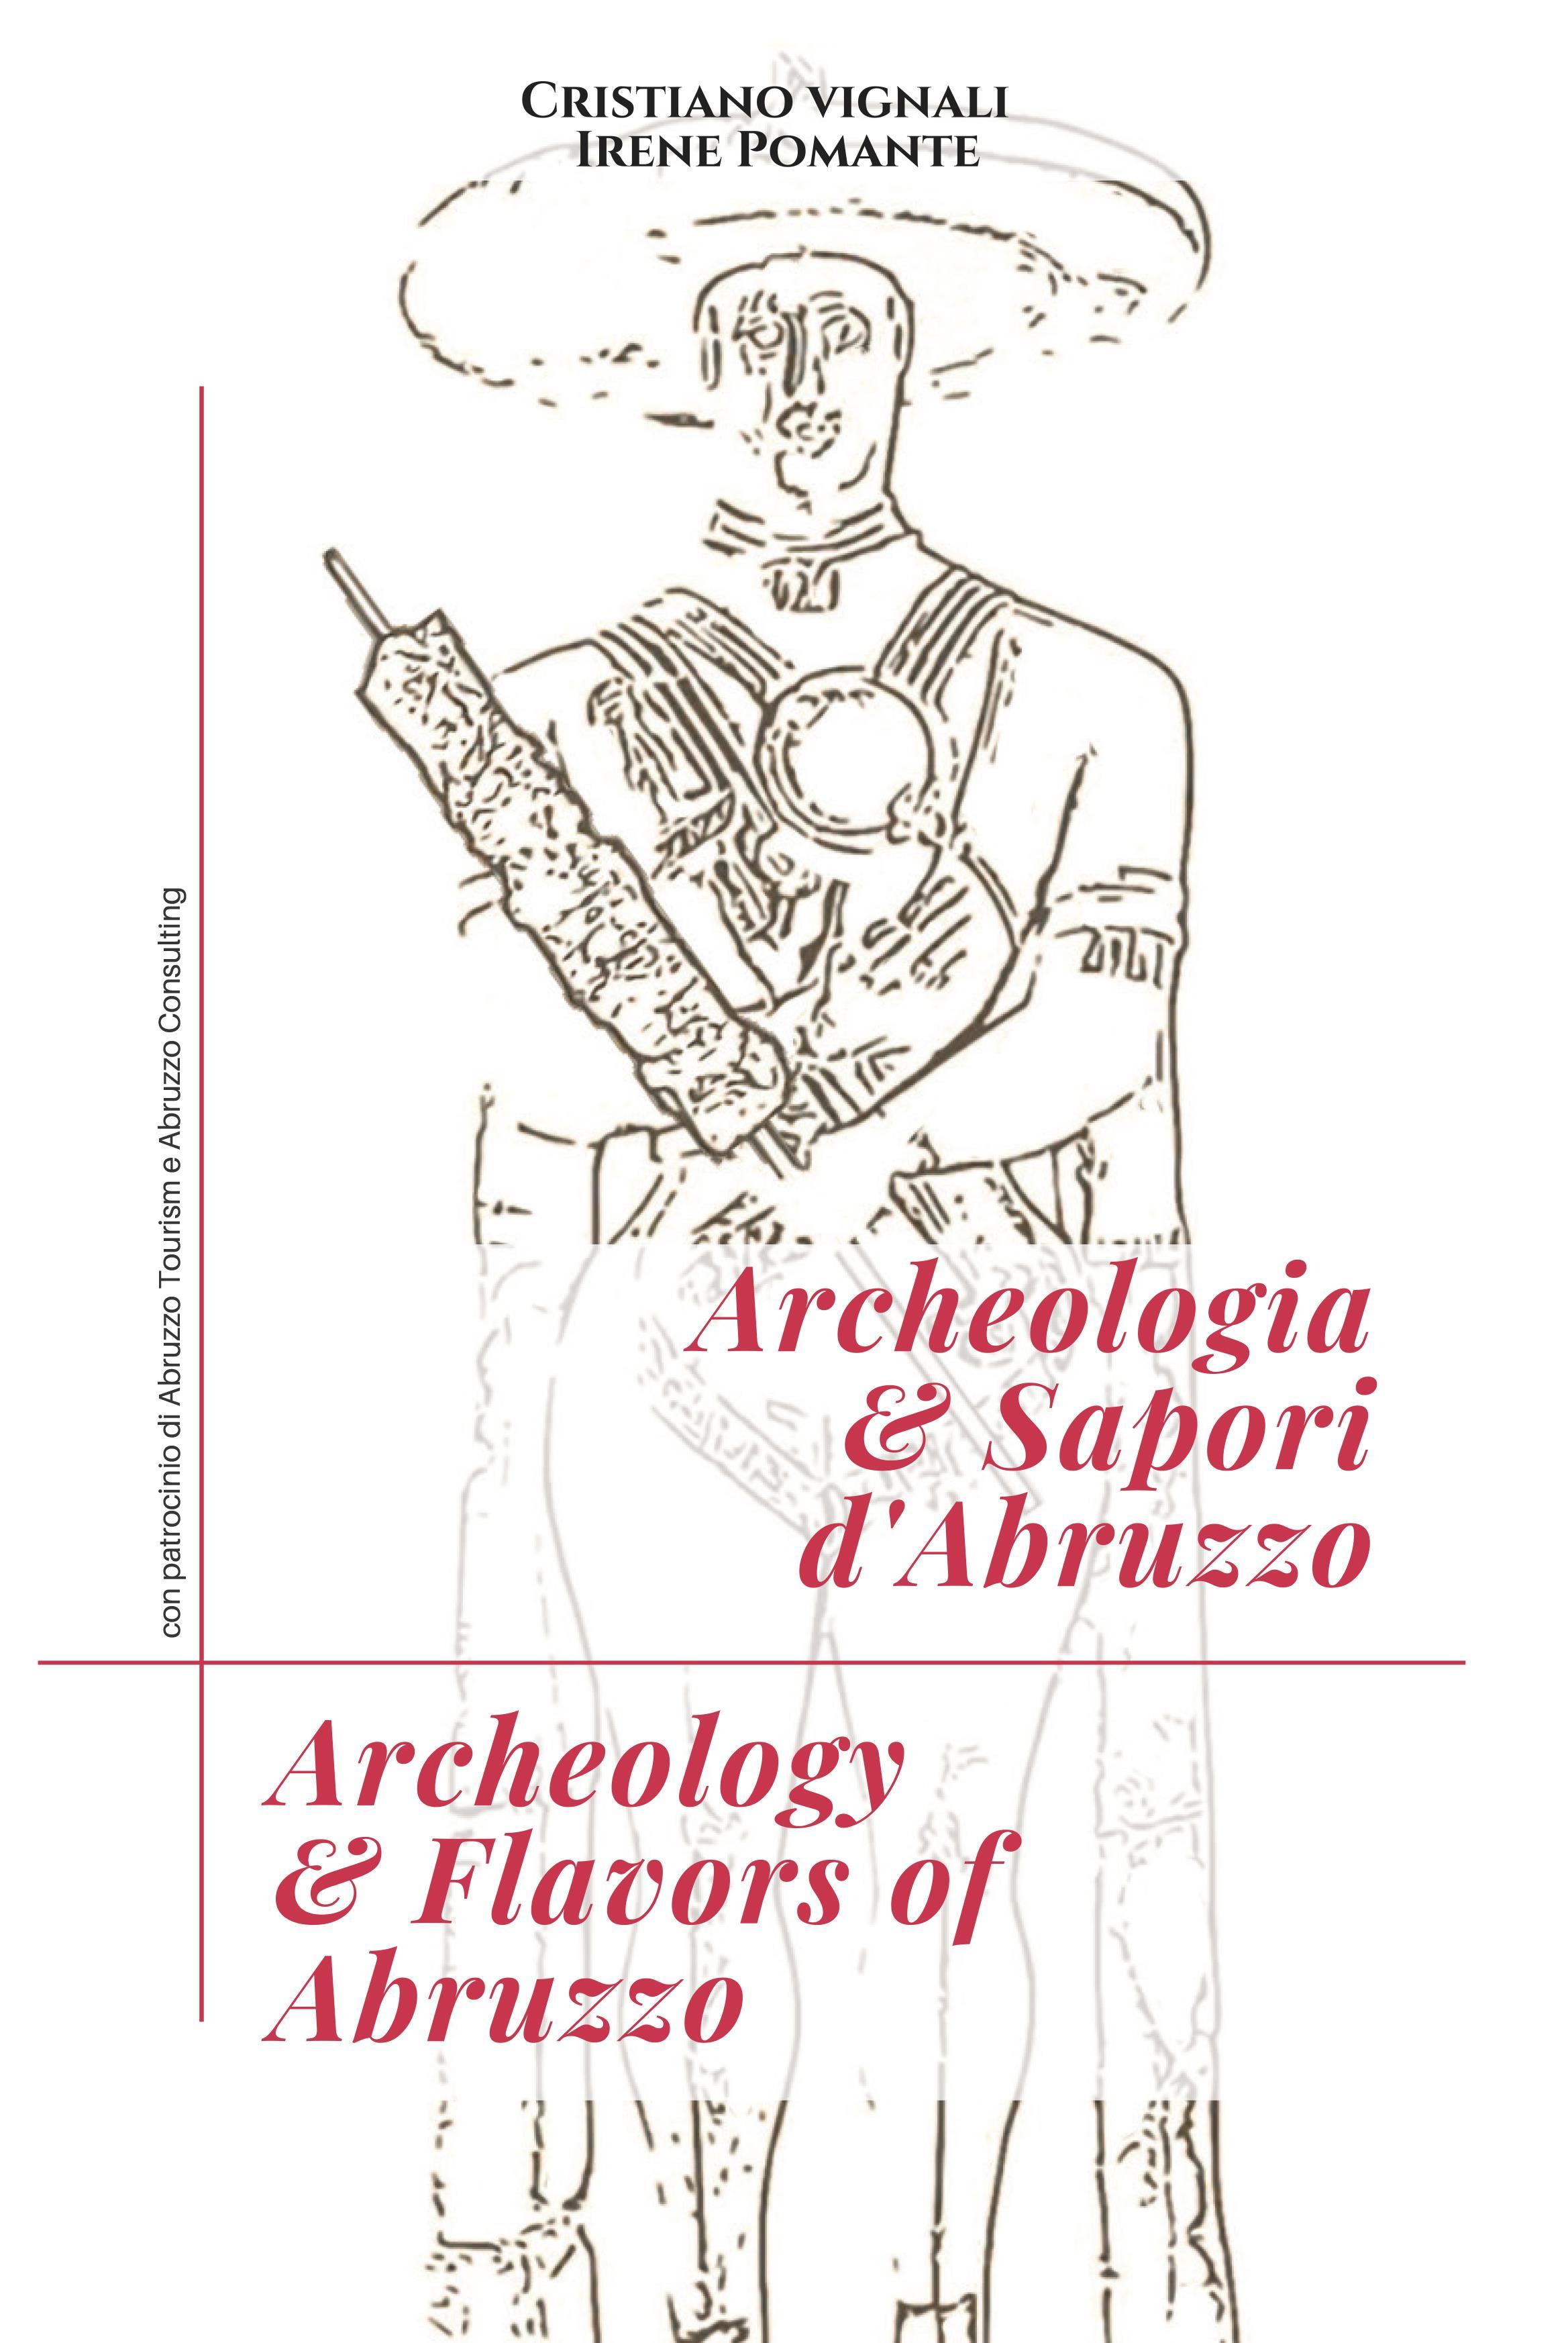 Archeologia & Sapori d'Abruzzo